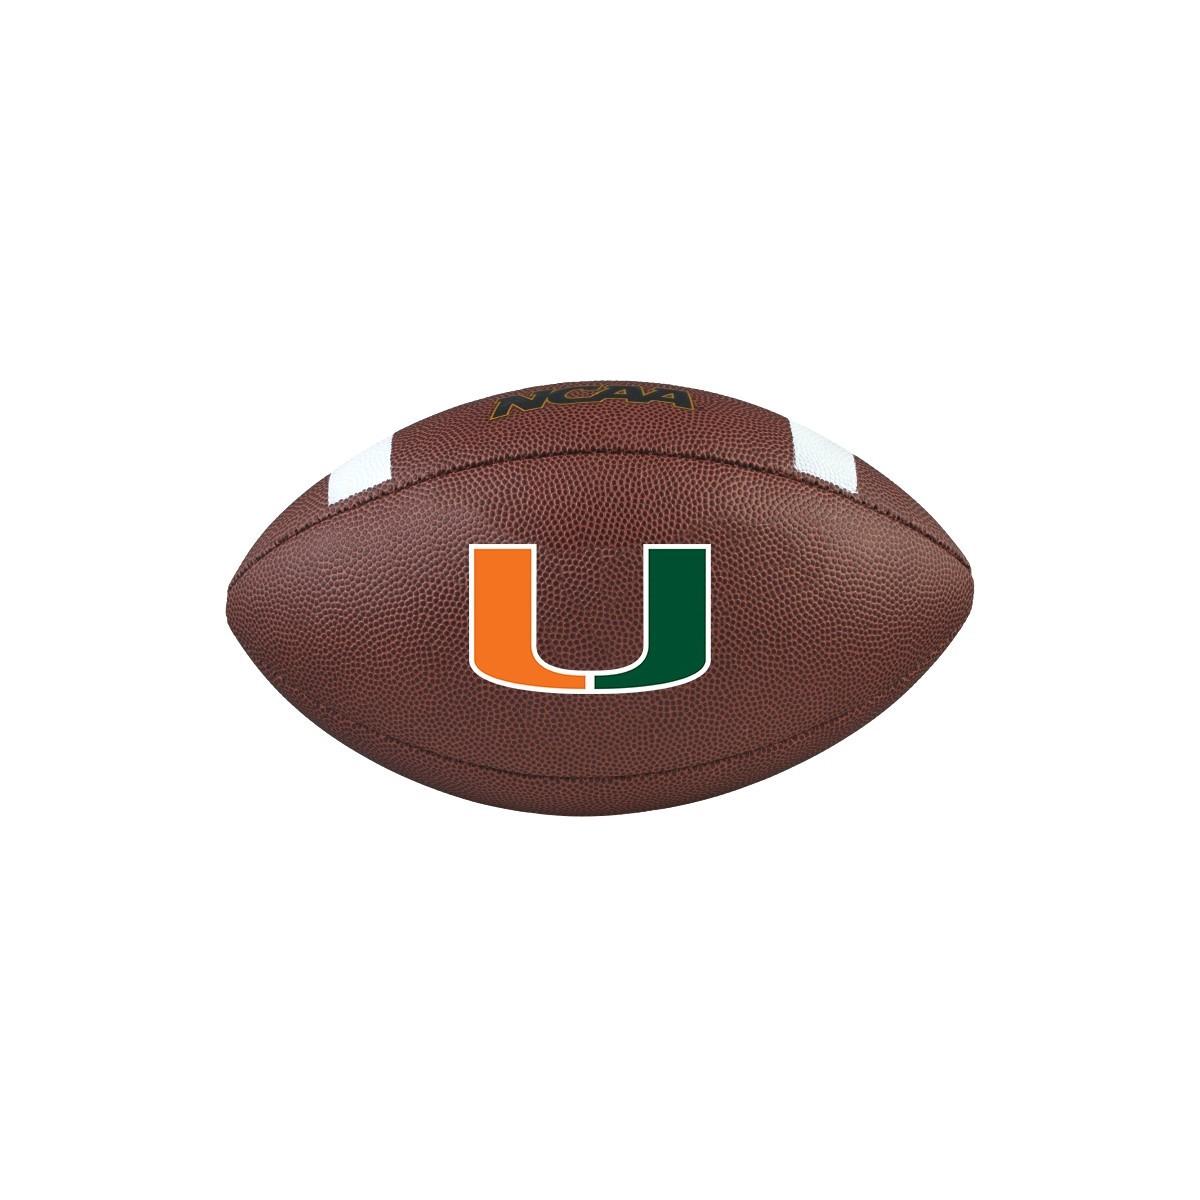 Pallone Wilson Wtf1738 Ncaa Team Composite Univ Of Miami